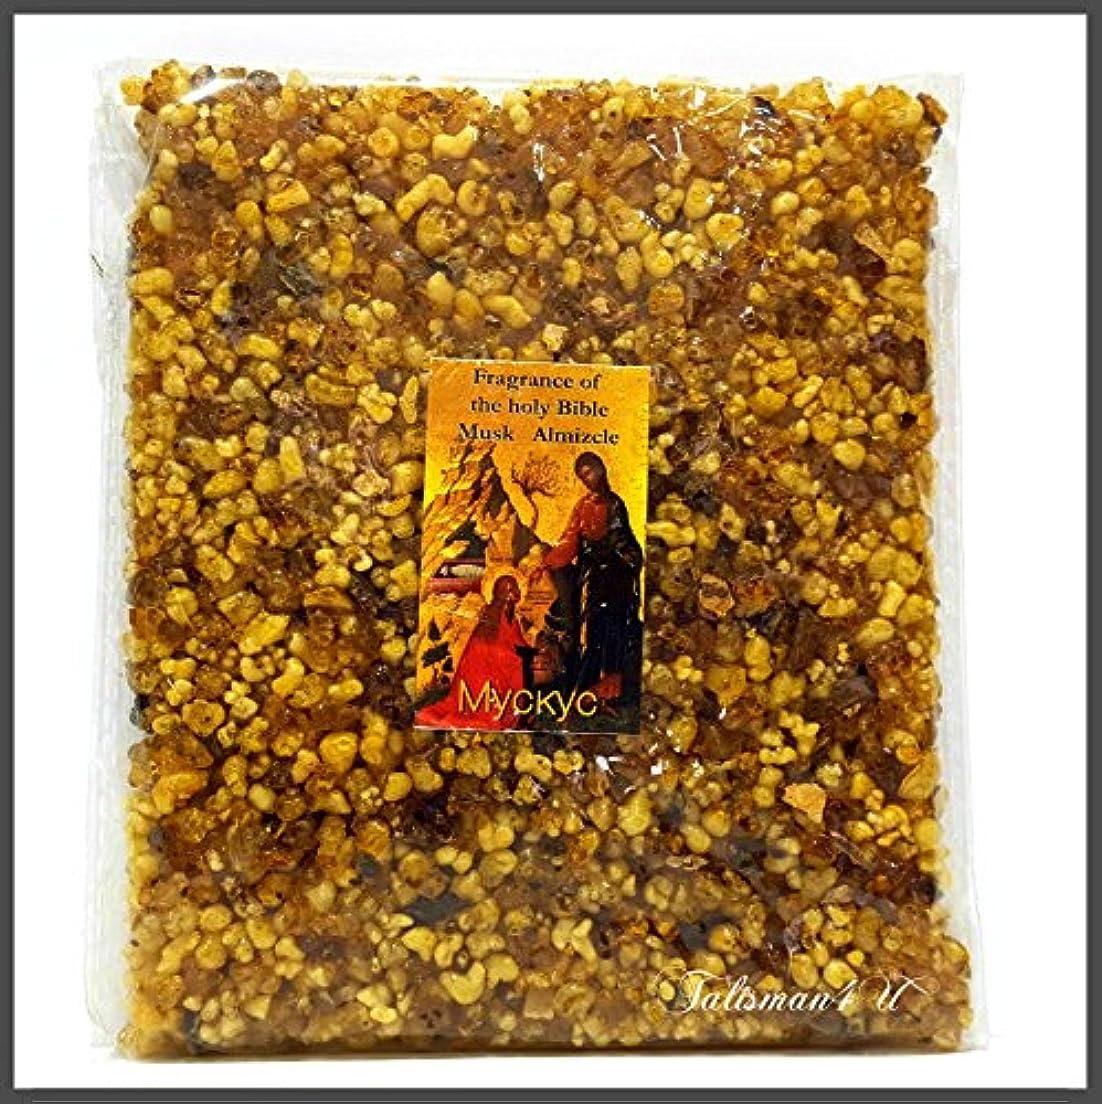 より多い癌診療所ムスクエルサレムIncense樹脂Aromatic Almizcle Frankincense of the Holy Land 3.5 Oz / 100 g